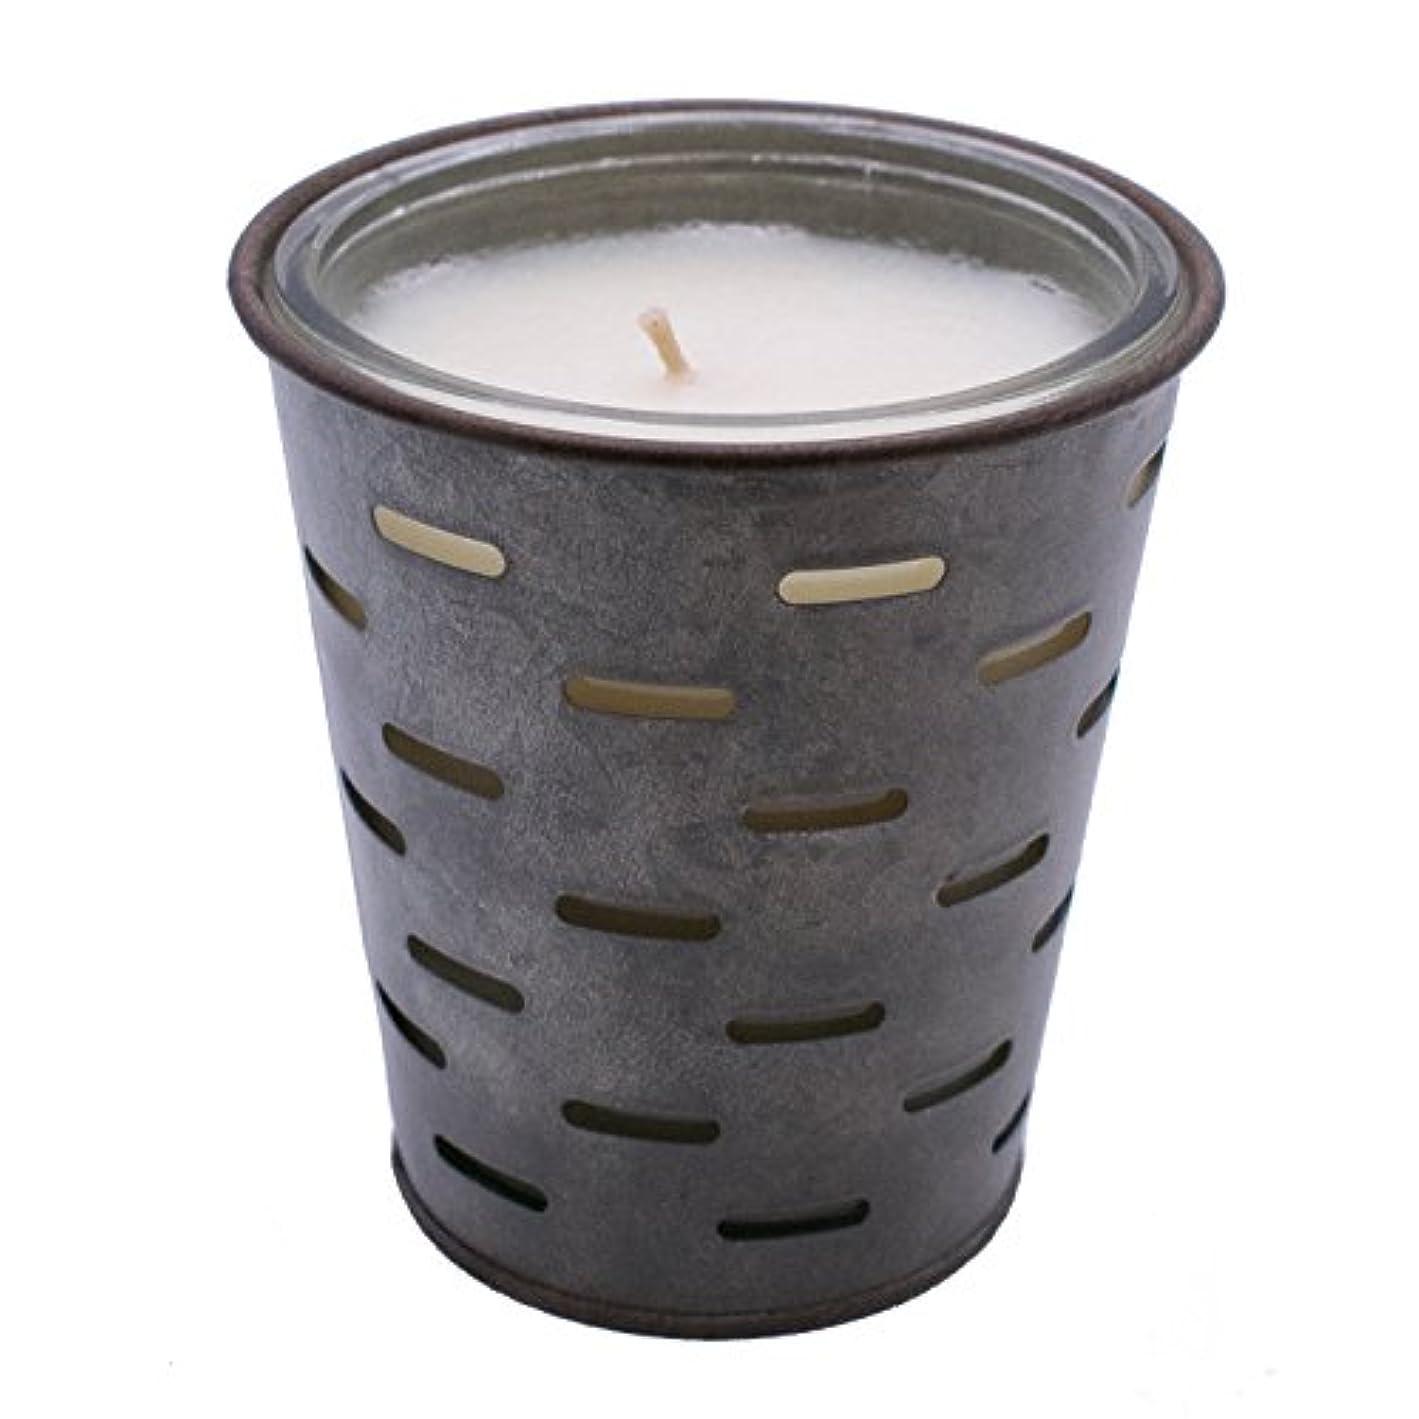 エゴマニア記念日処理Sweetオリーブ、オリーブバケットFragrance Candle優れ、香り、ガラスJar in Tin Pot亜鉛メッキ、13oz